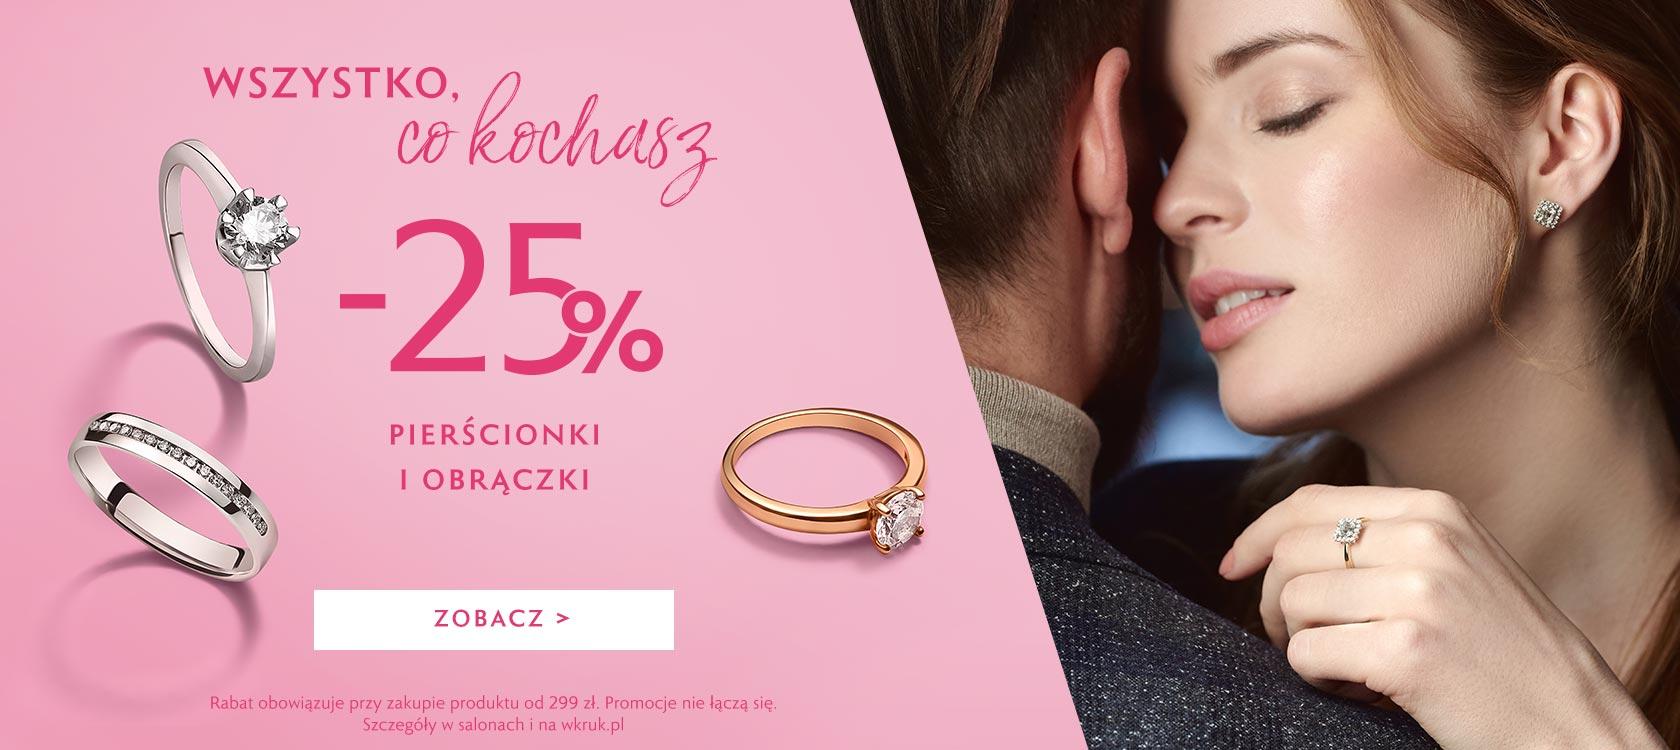 W.Kruk: 25% zniżki na pierścionki i obrączki